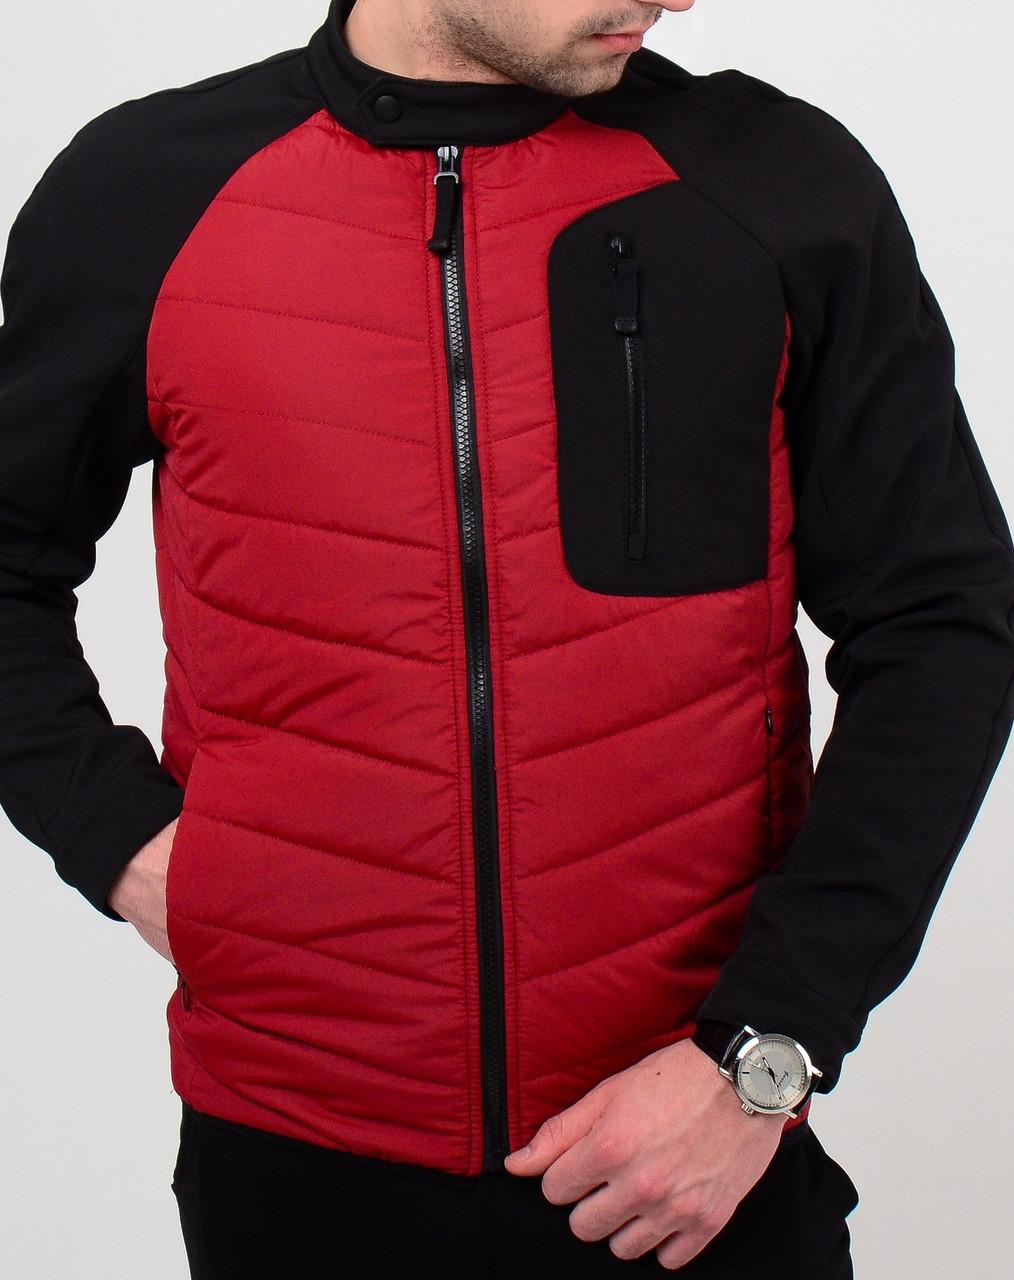 Весенняя мужская куртка Юнайтед красная О